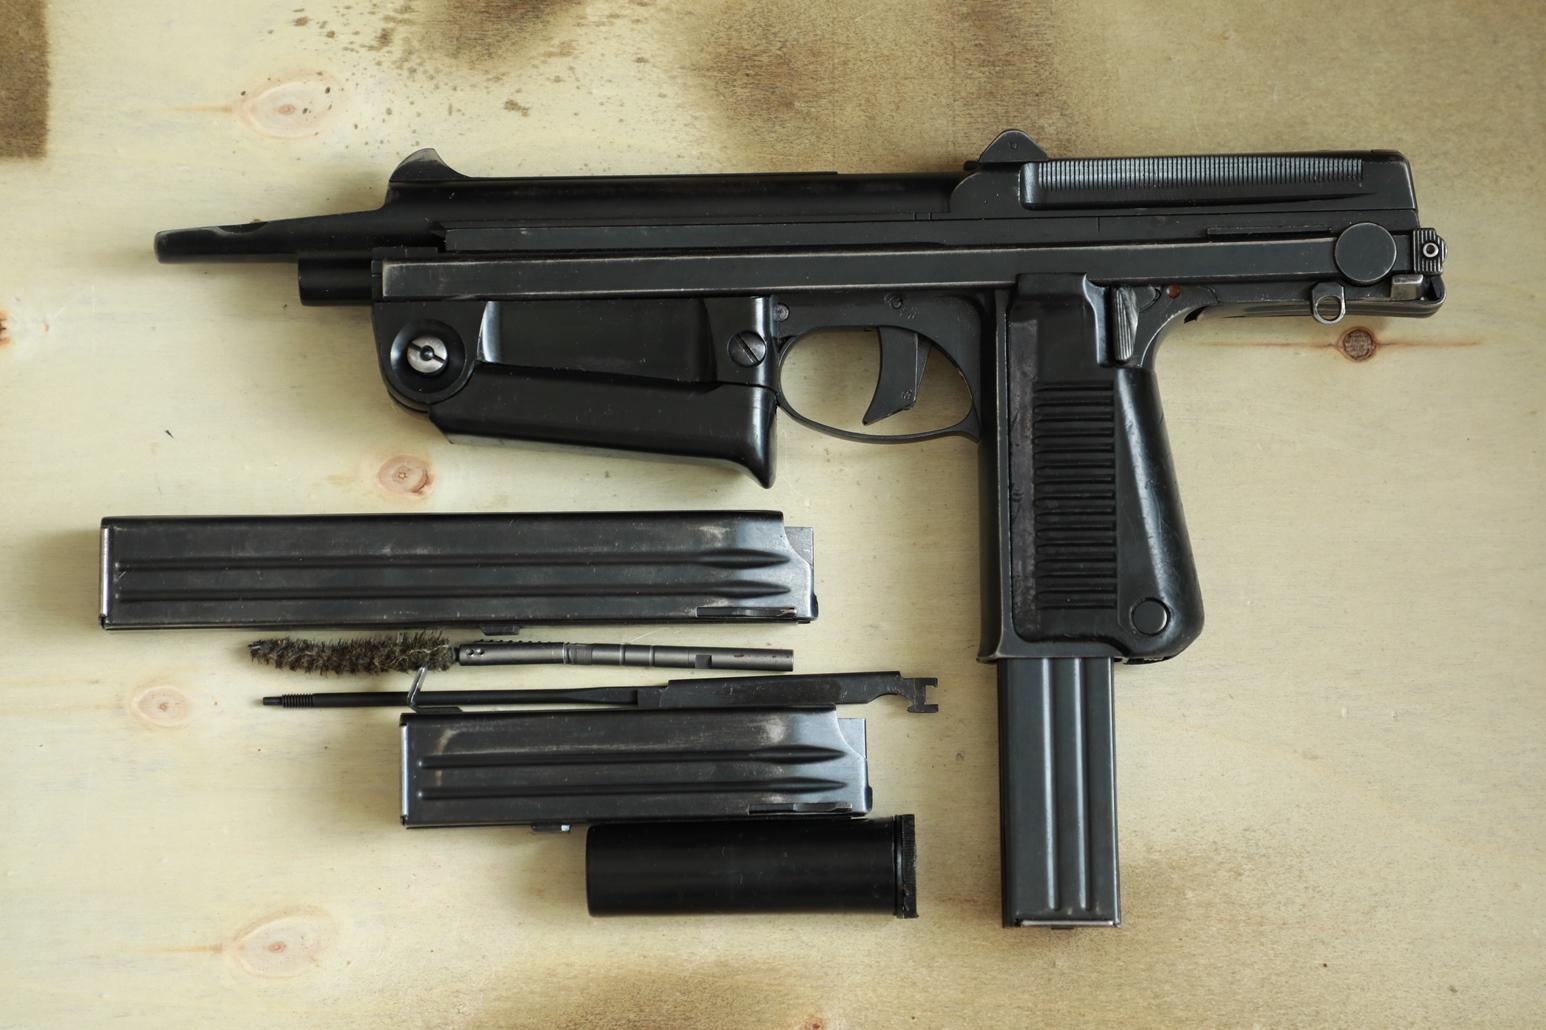 Охолощенный пистолет-пулемет RAK-63 #MO 01943 1970 год, 2 категория